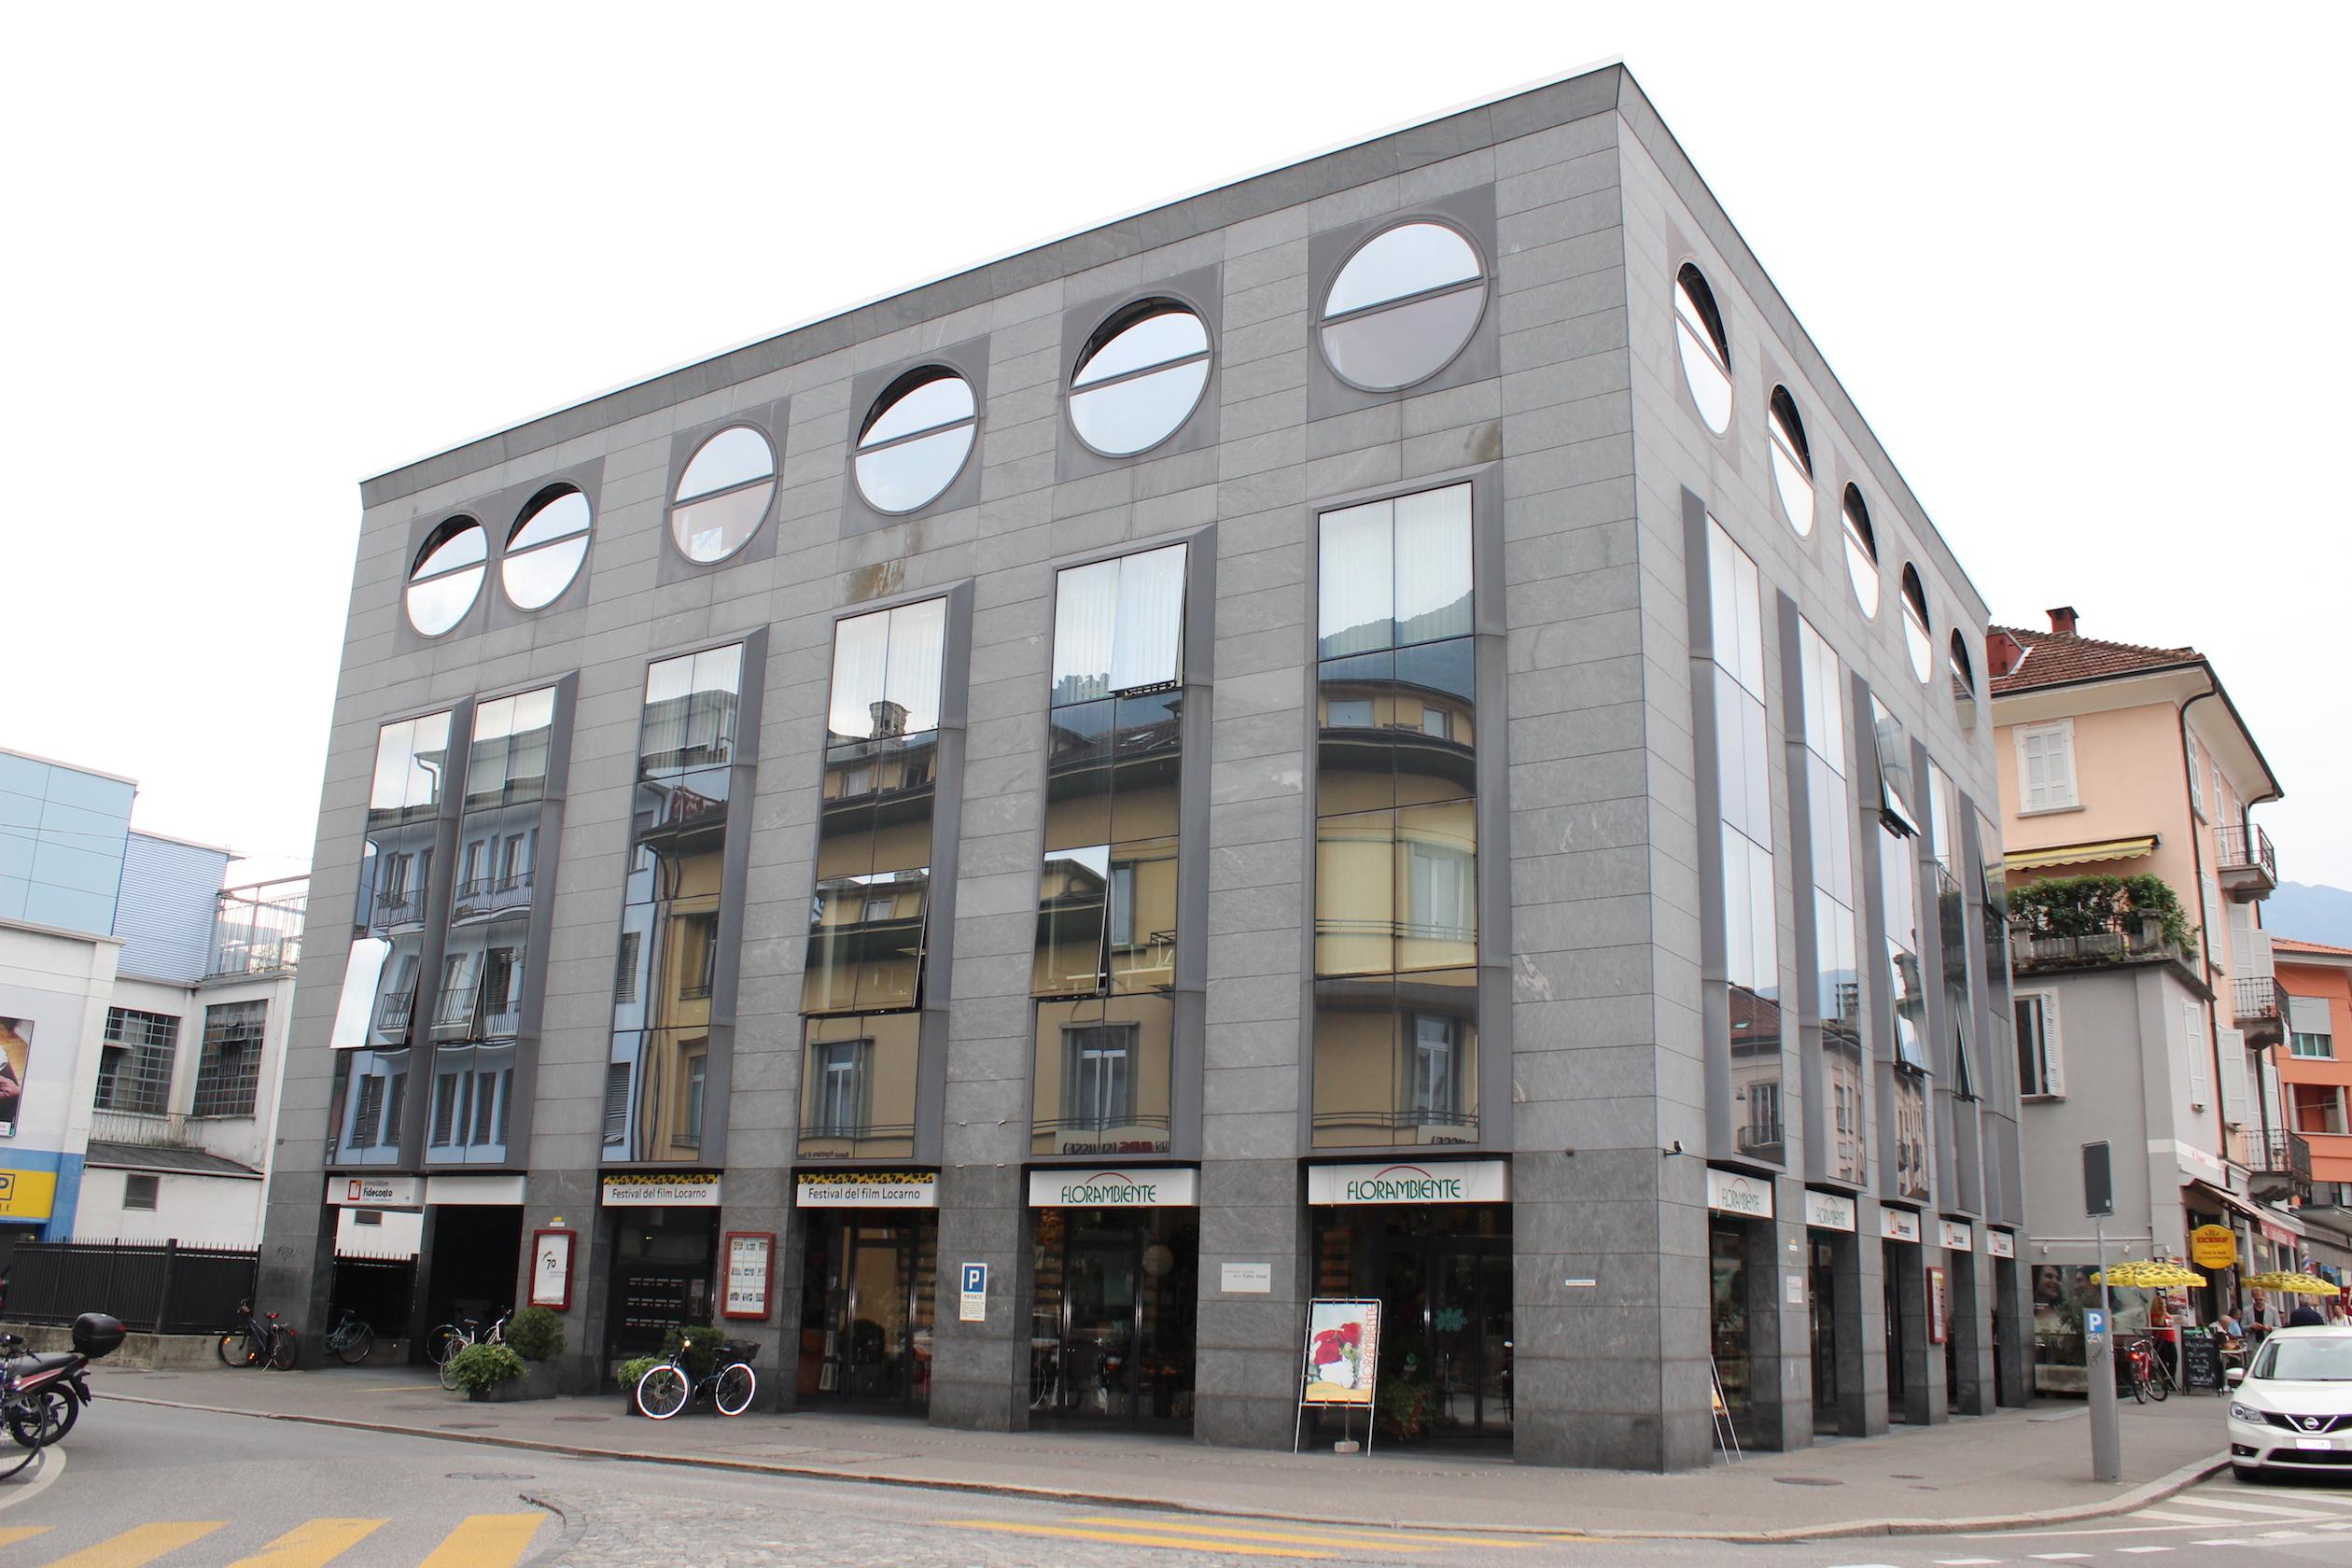 Ufficio Lavoro Ticino : Lavoro nero nelle alpi rsi radiotelevisione svizzera